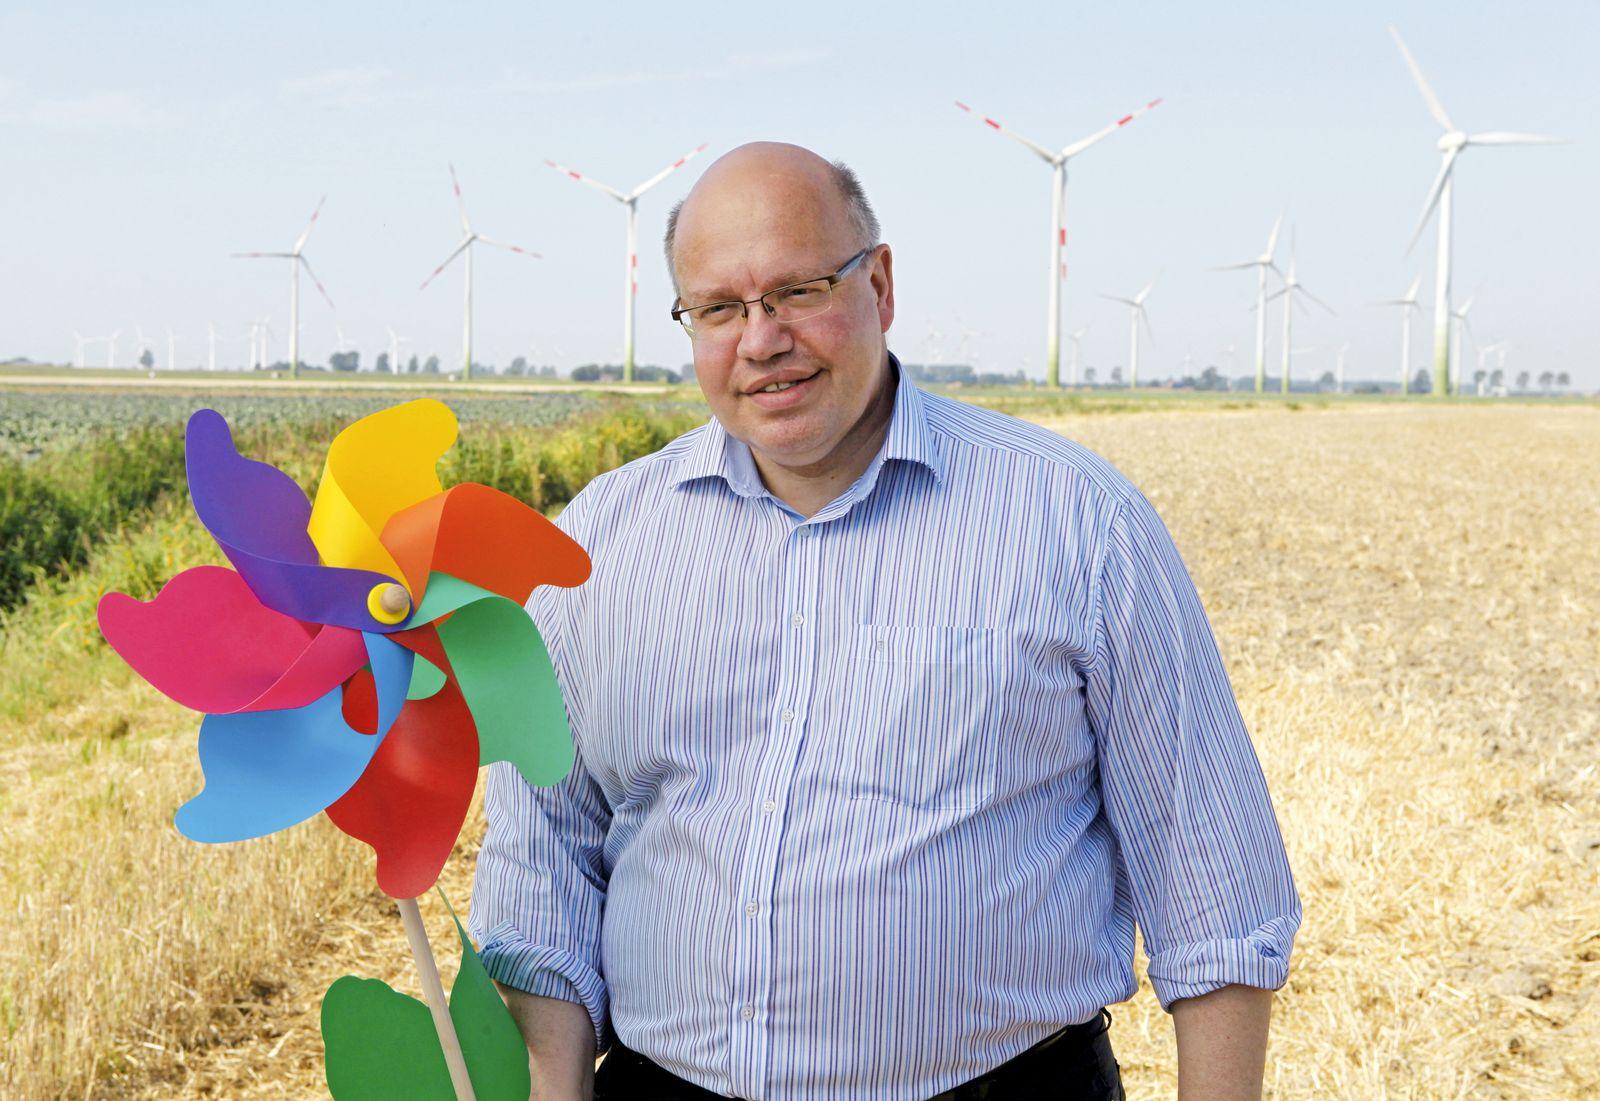 NICHT VERWENDEN Peter Altmaier